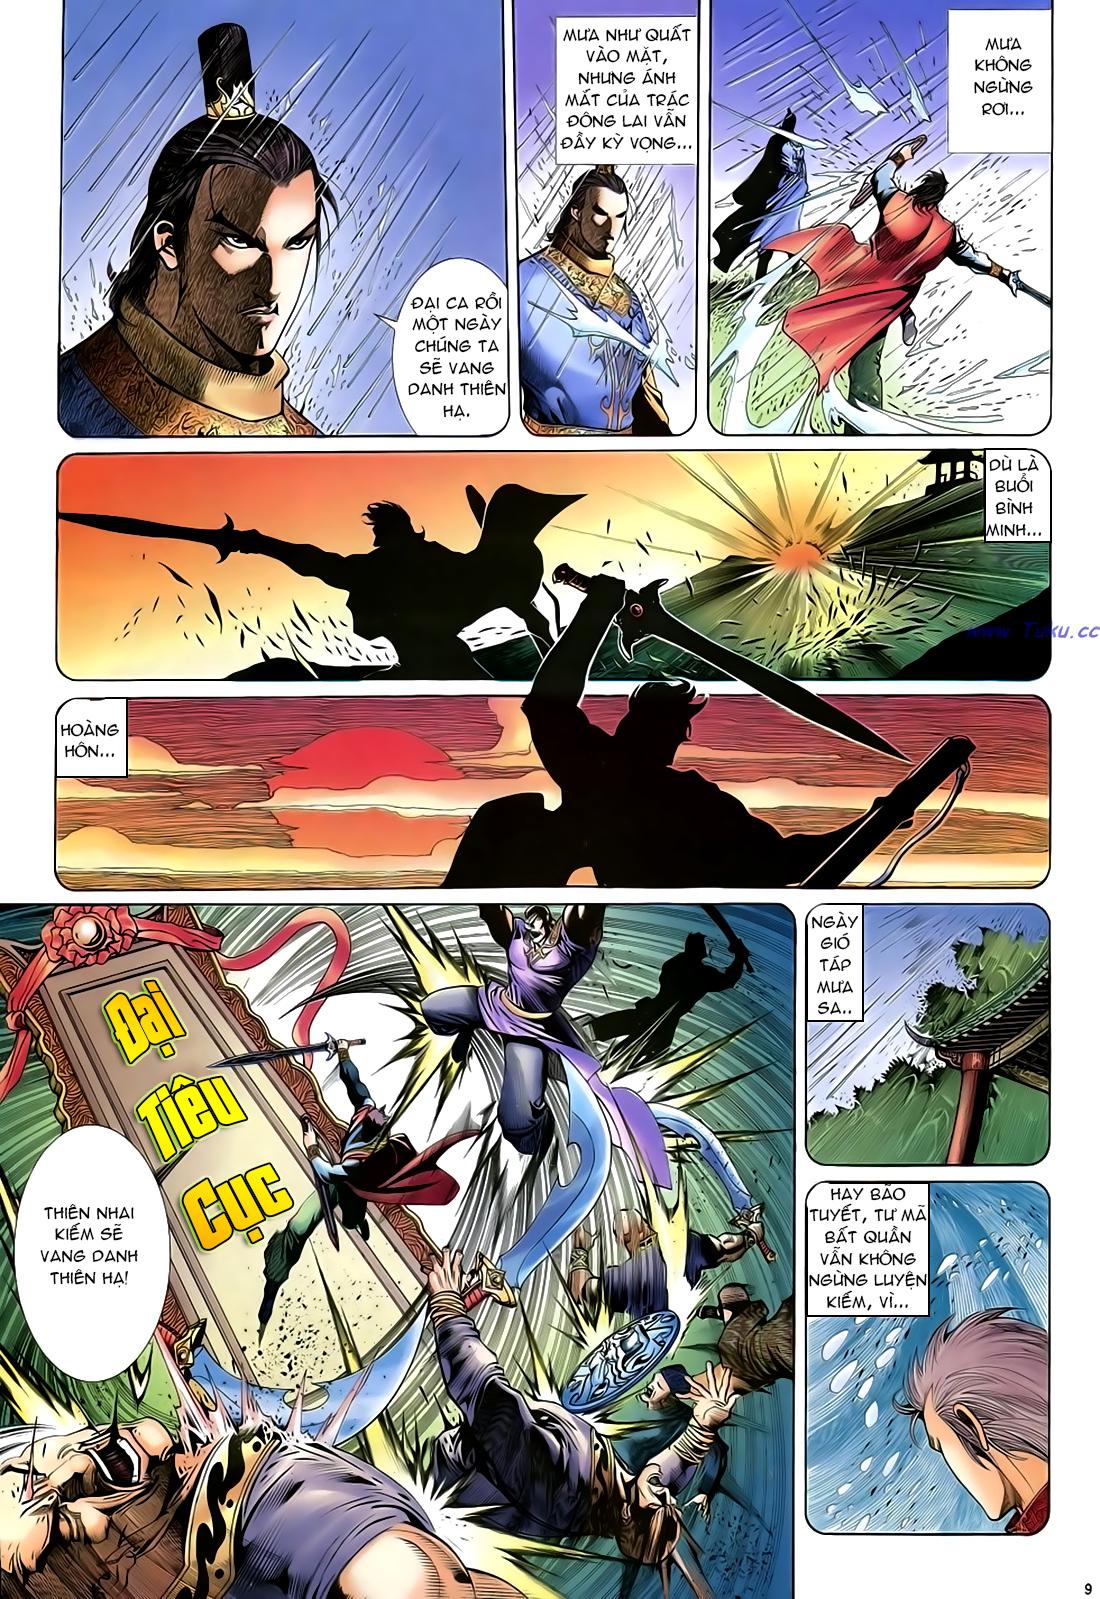 Anh hùng vô lệ Chap 24 trang 10